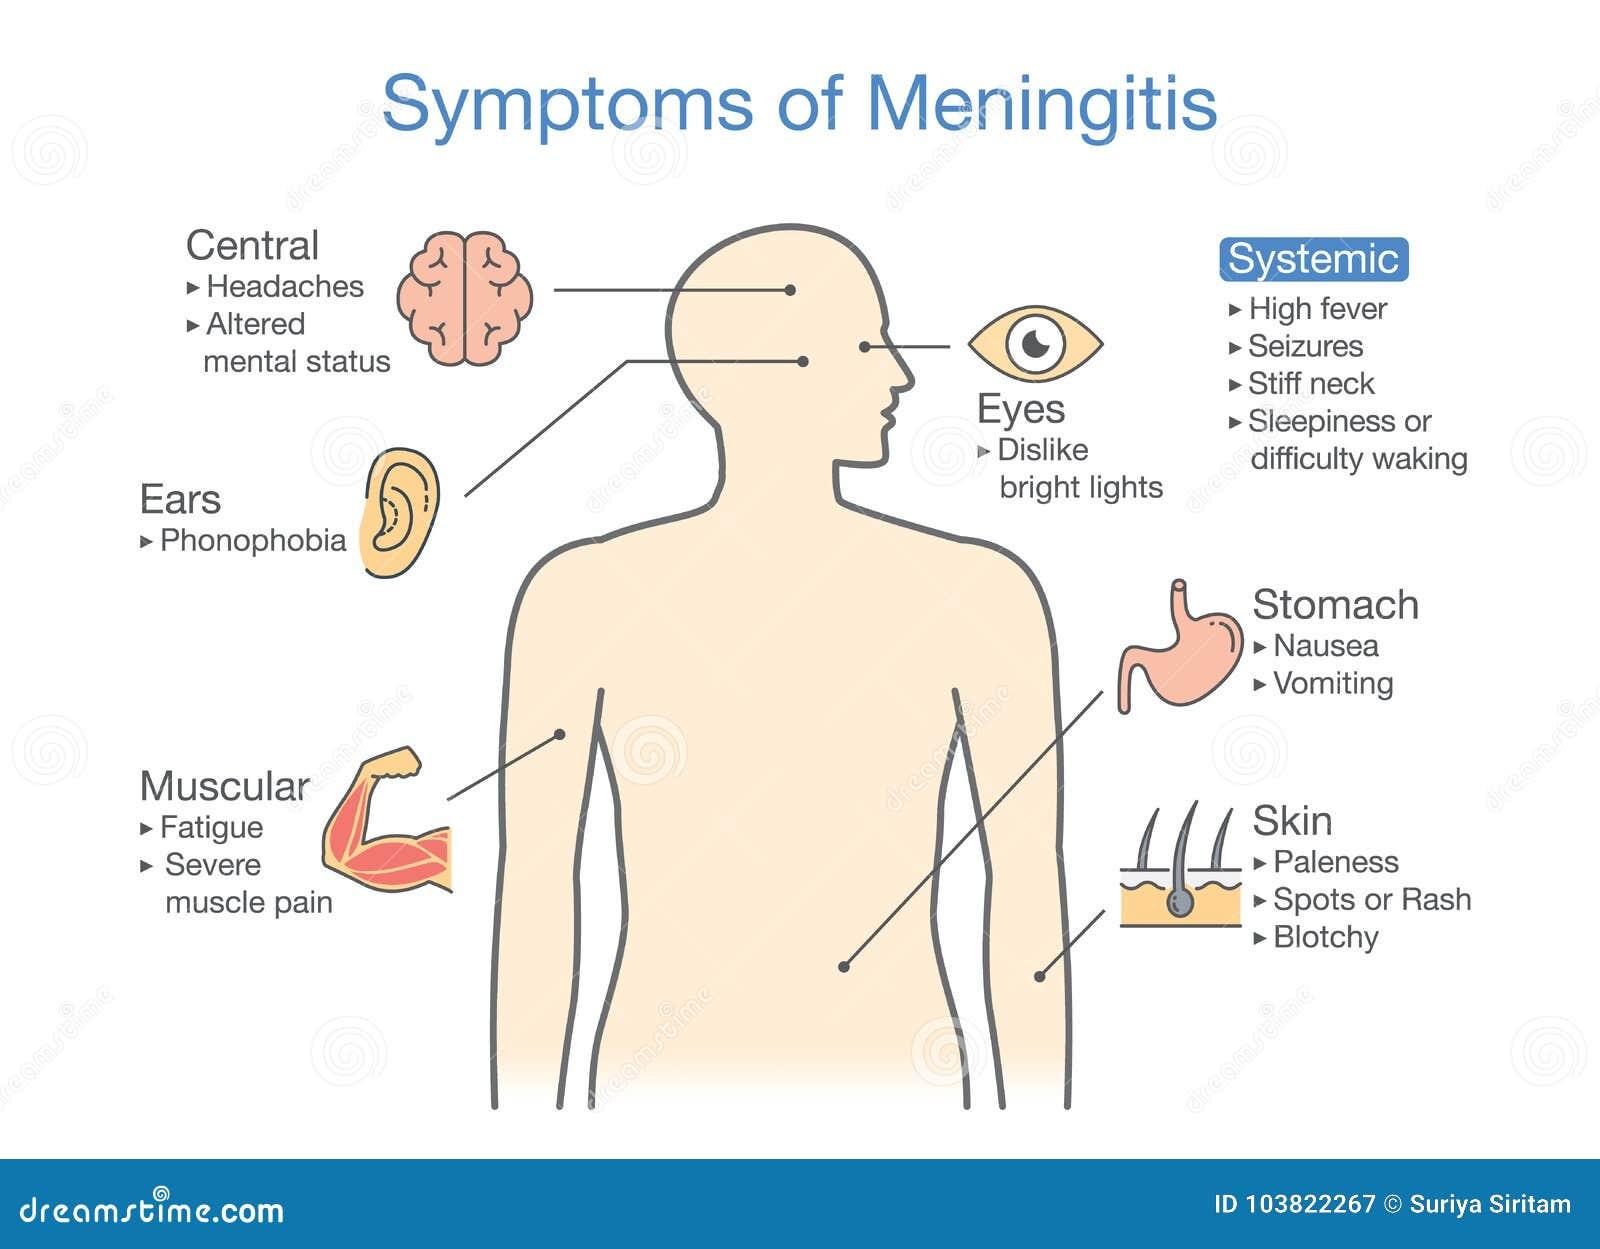 用图解法表示对显示耐心症状以脑膜炎疾病